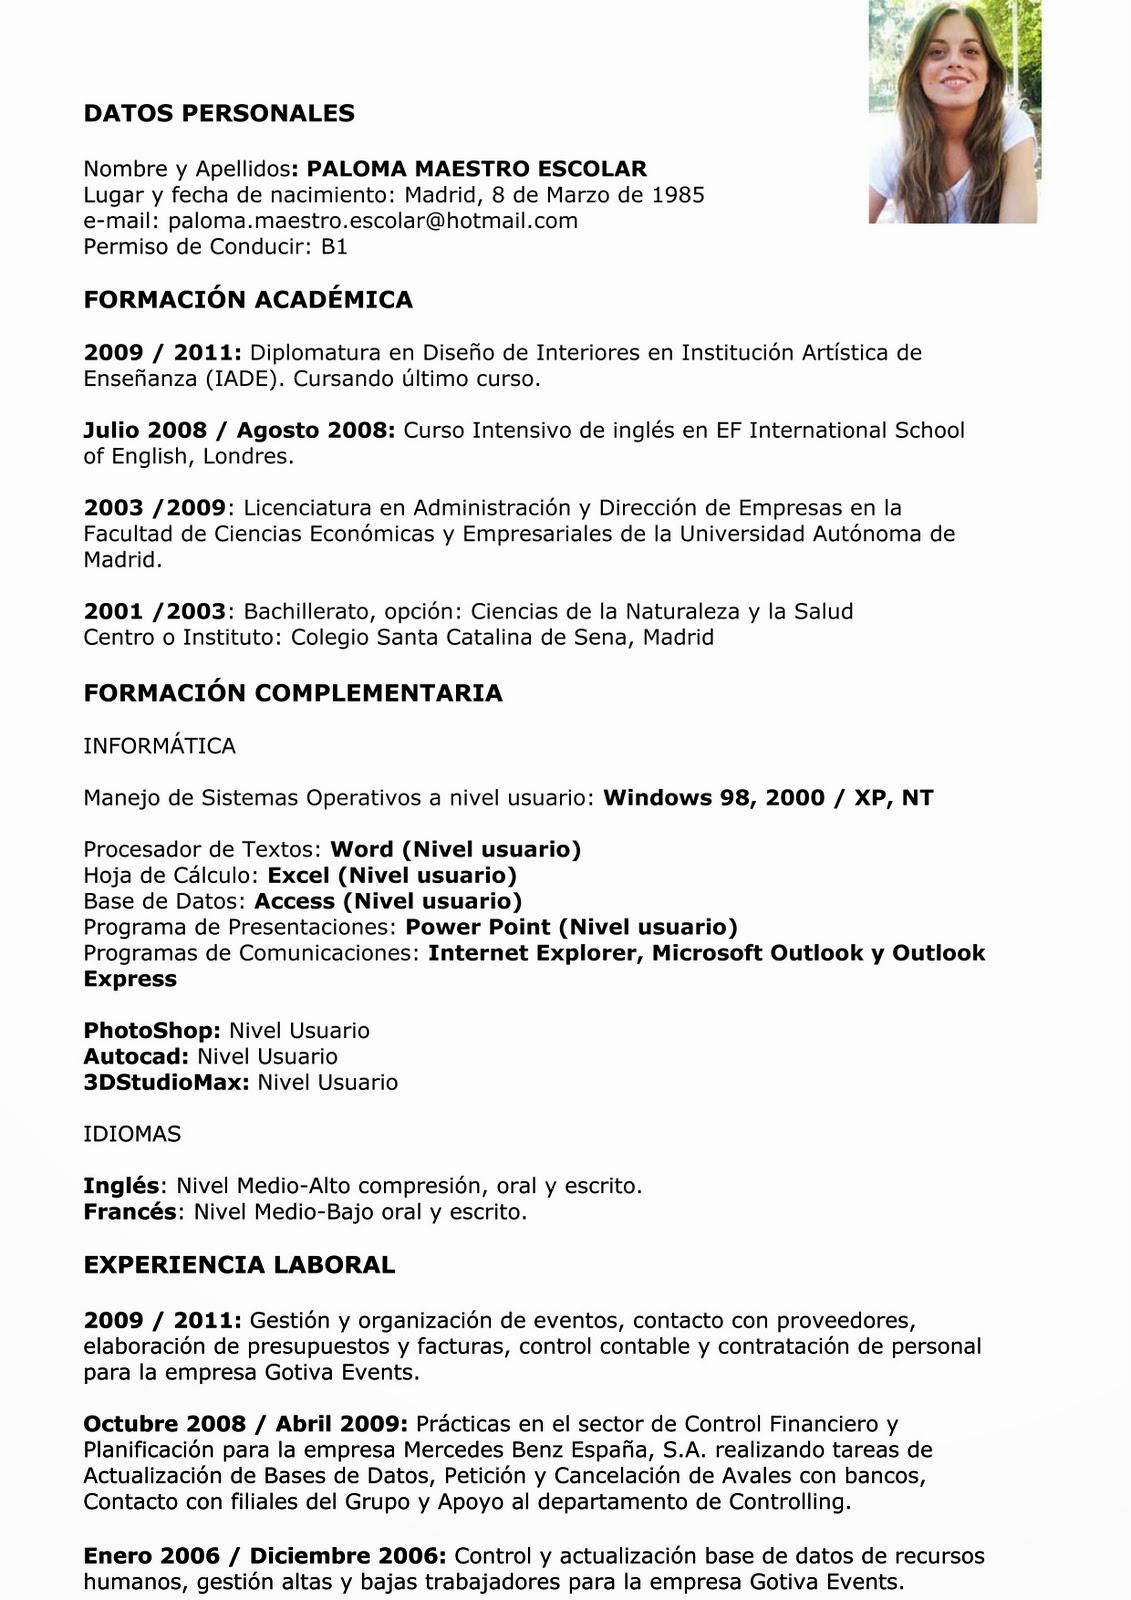 TIC Bloque 3 Eduardo: Curriculum Vitae